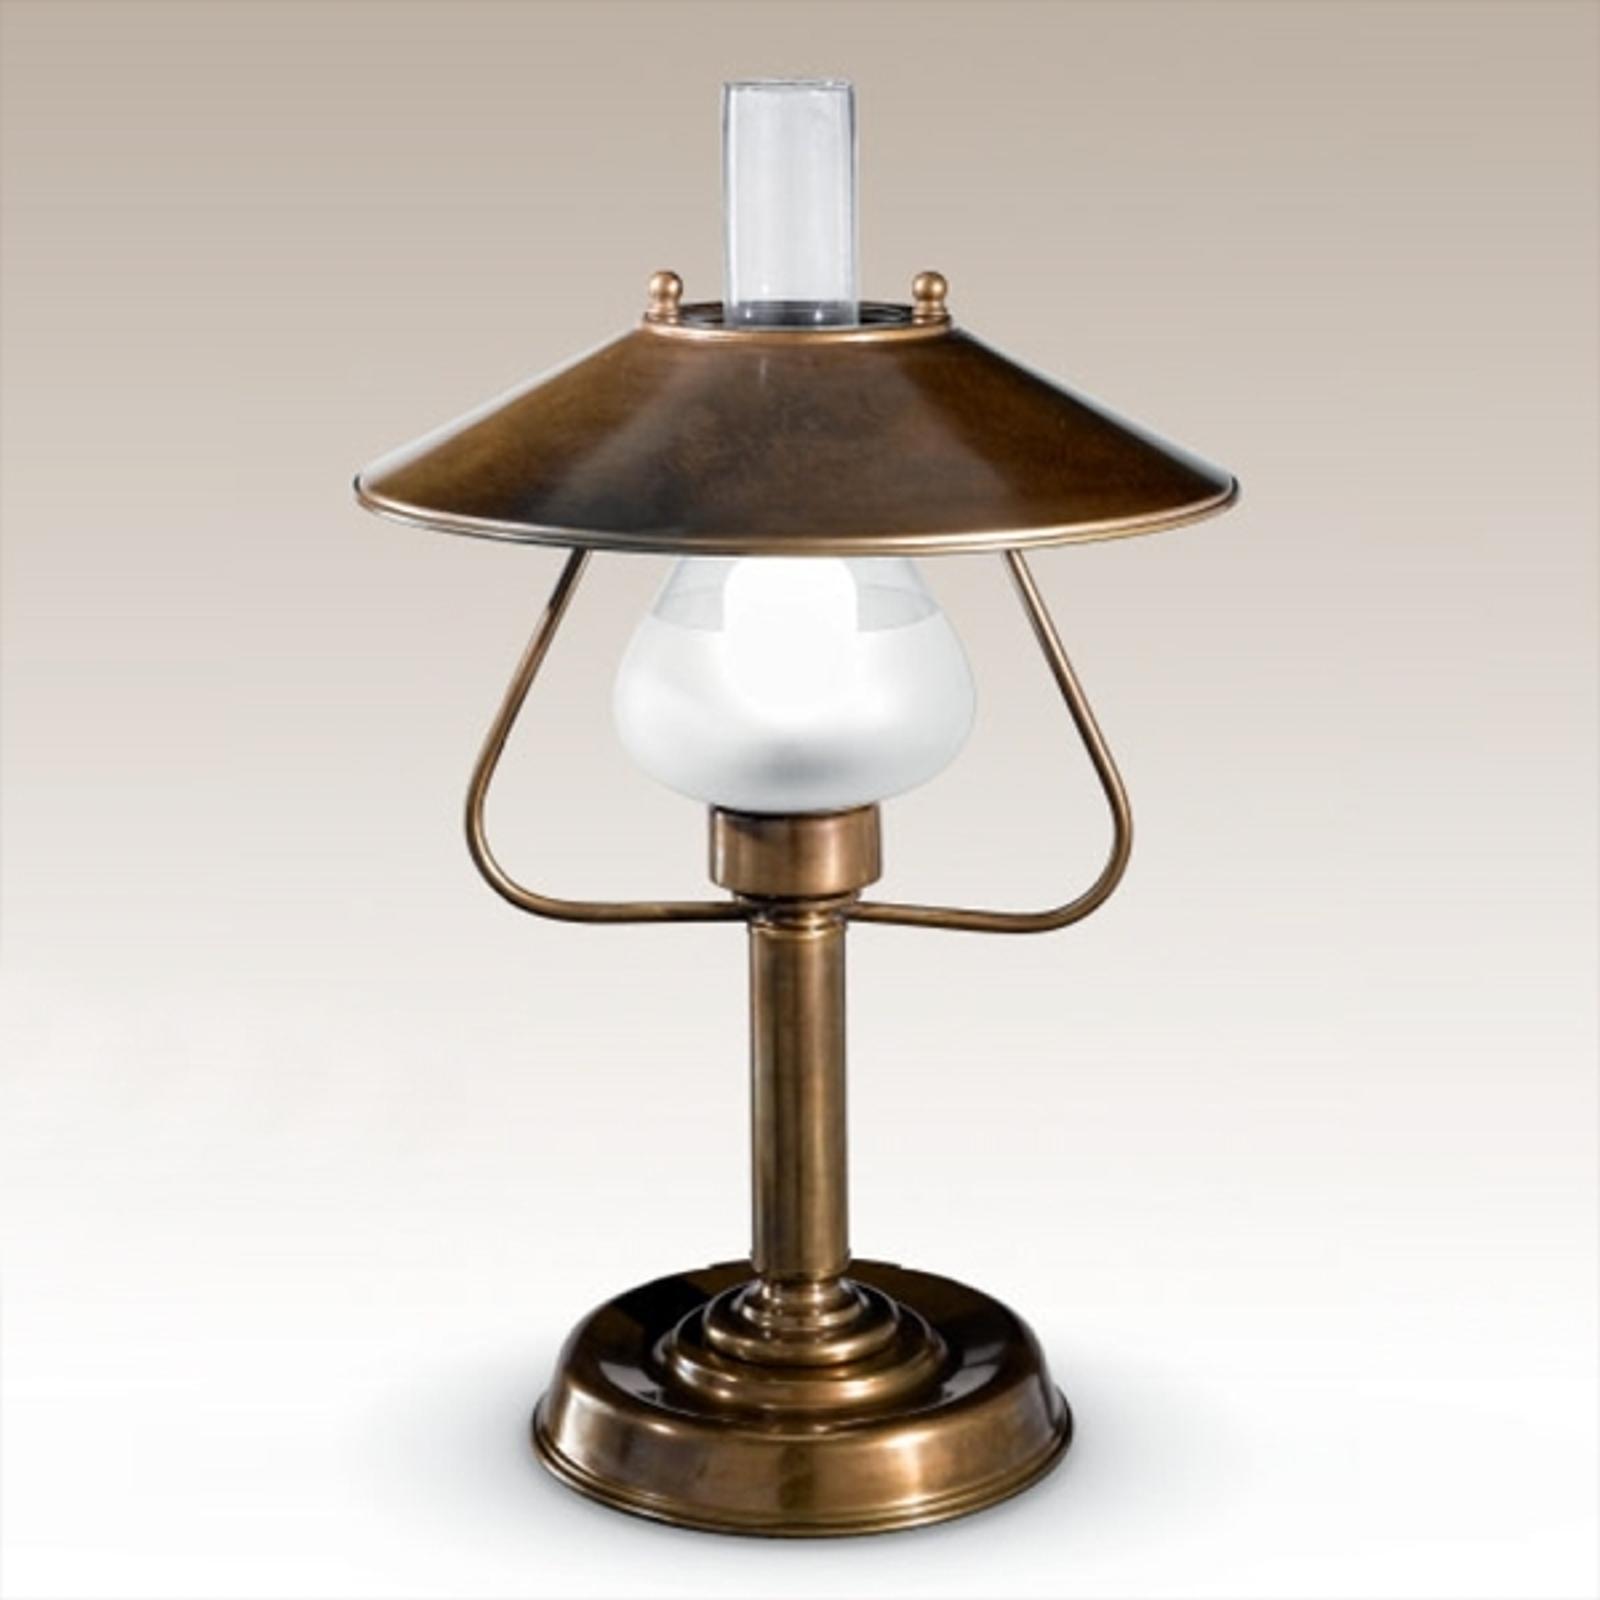 Stolná lampa Barchessa_2008081_1